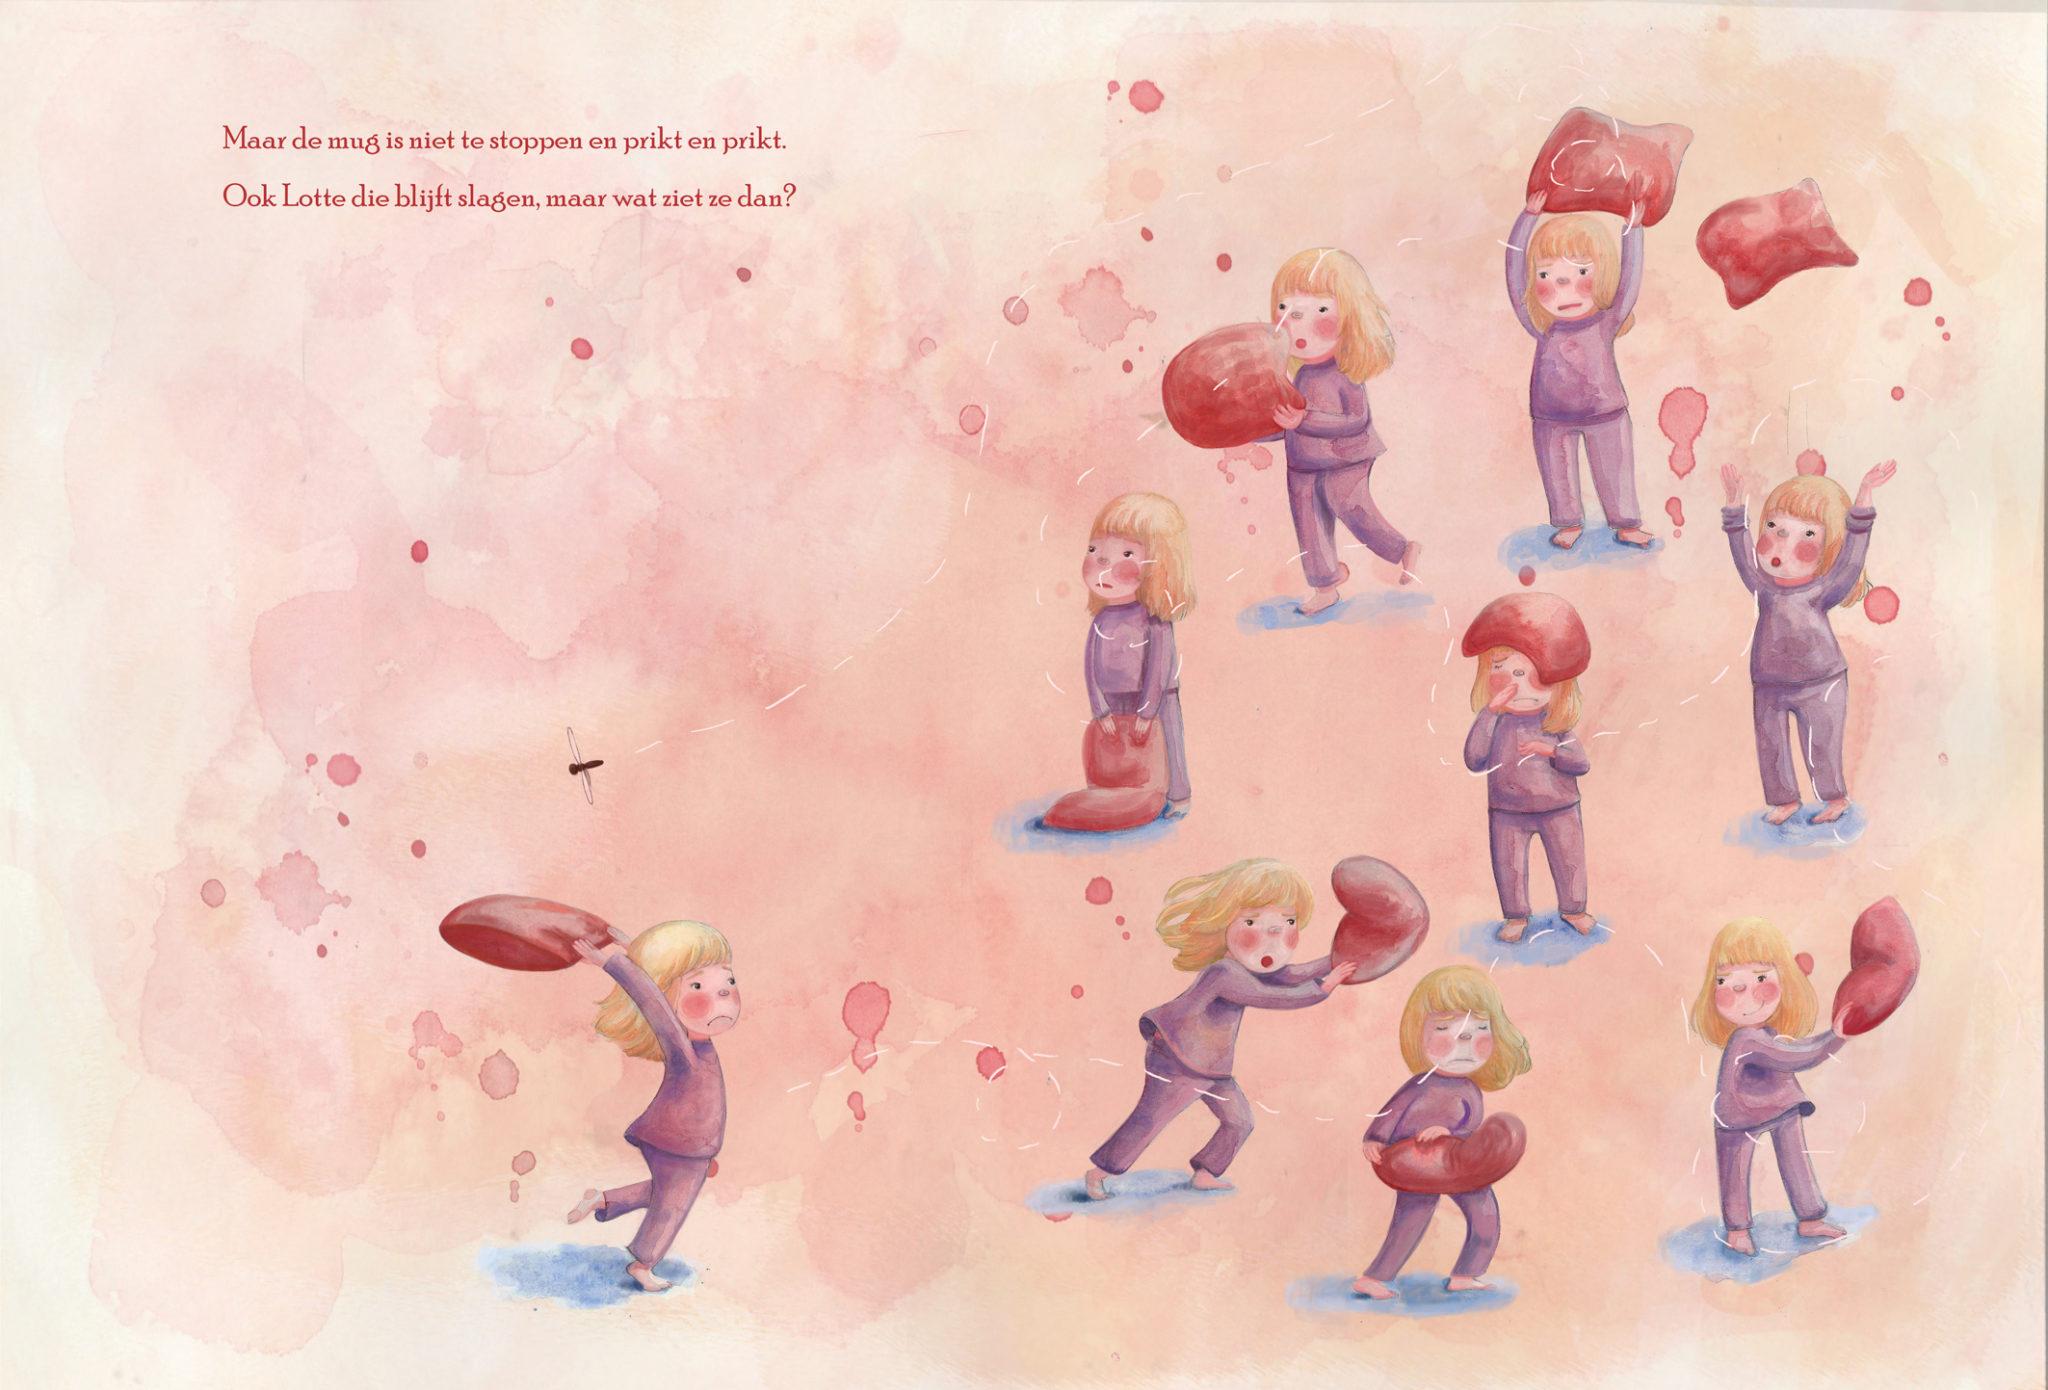 Illustration_ElsDecaluwe_polkadots03